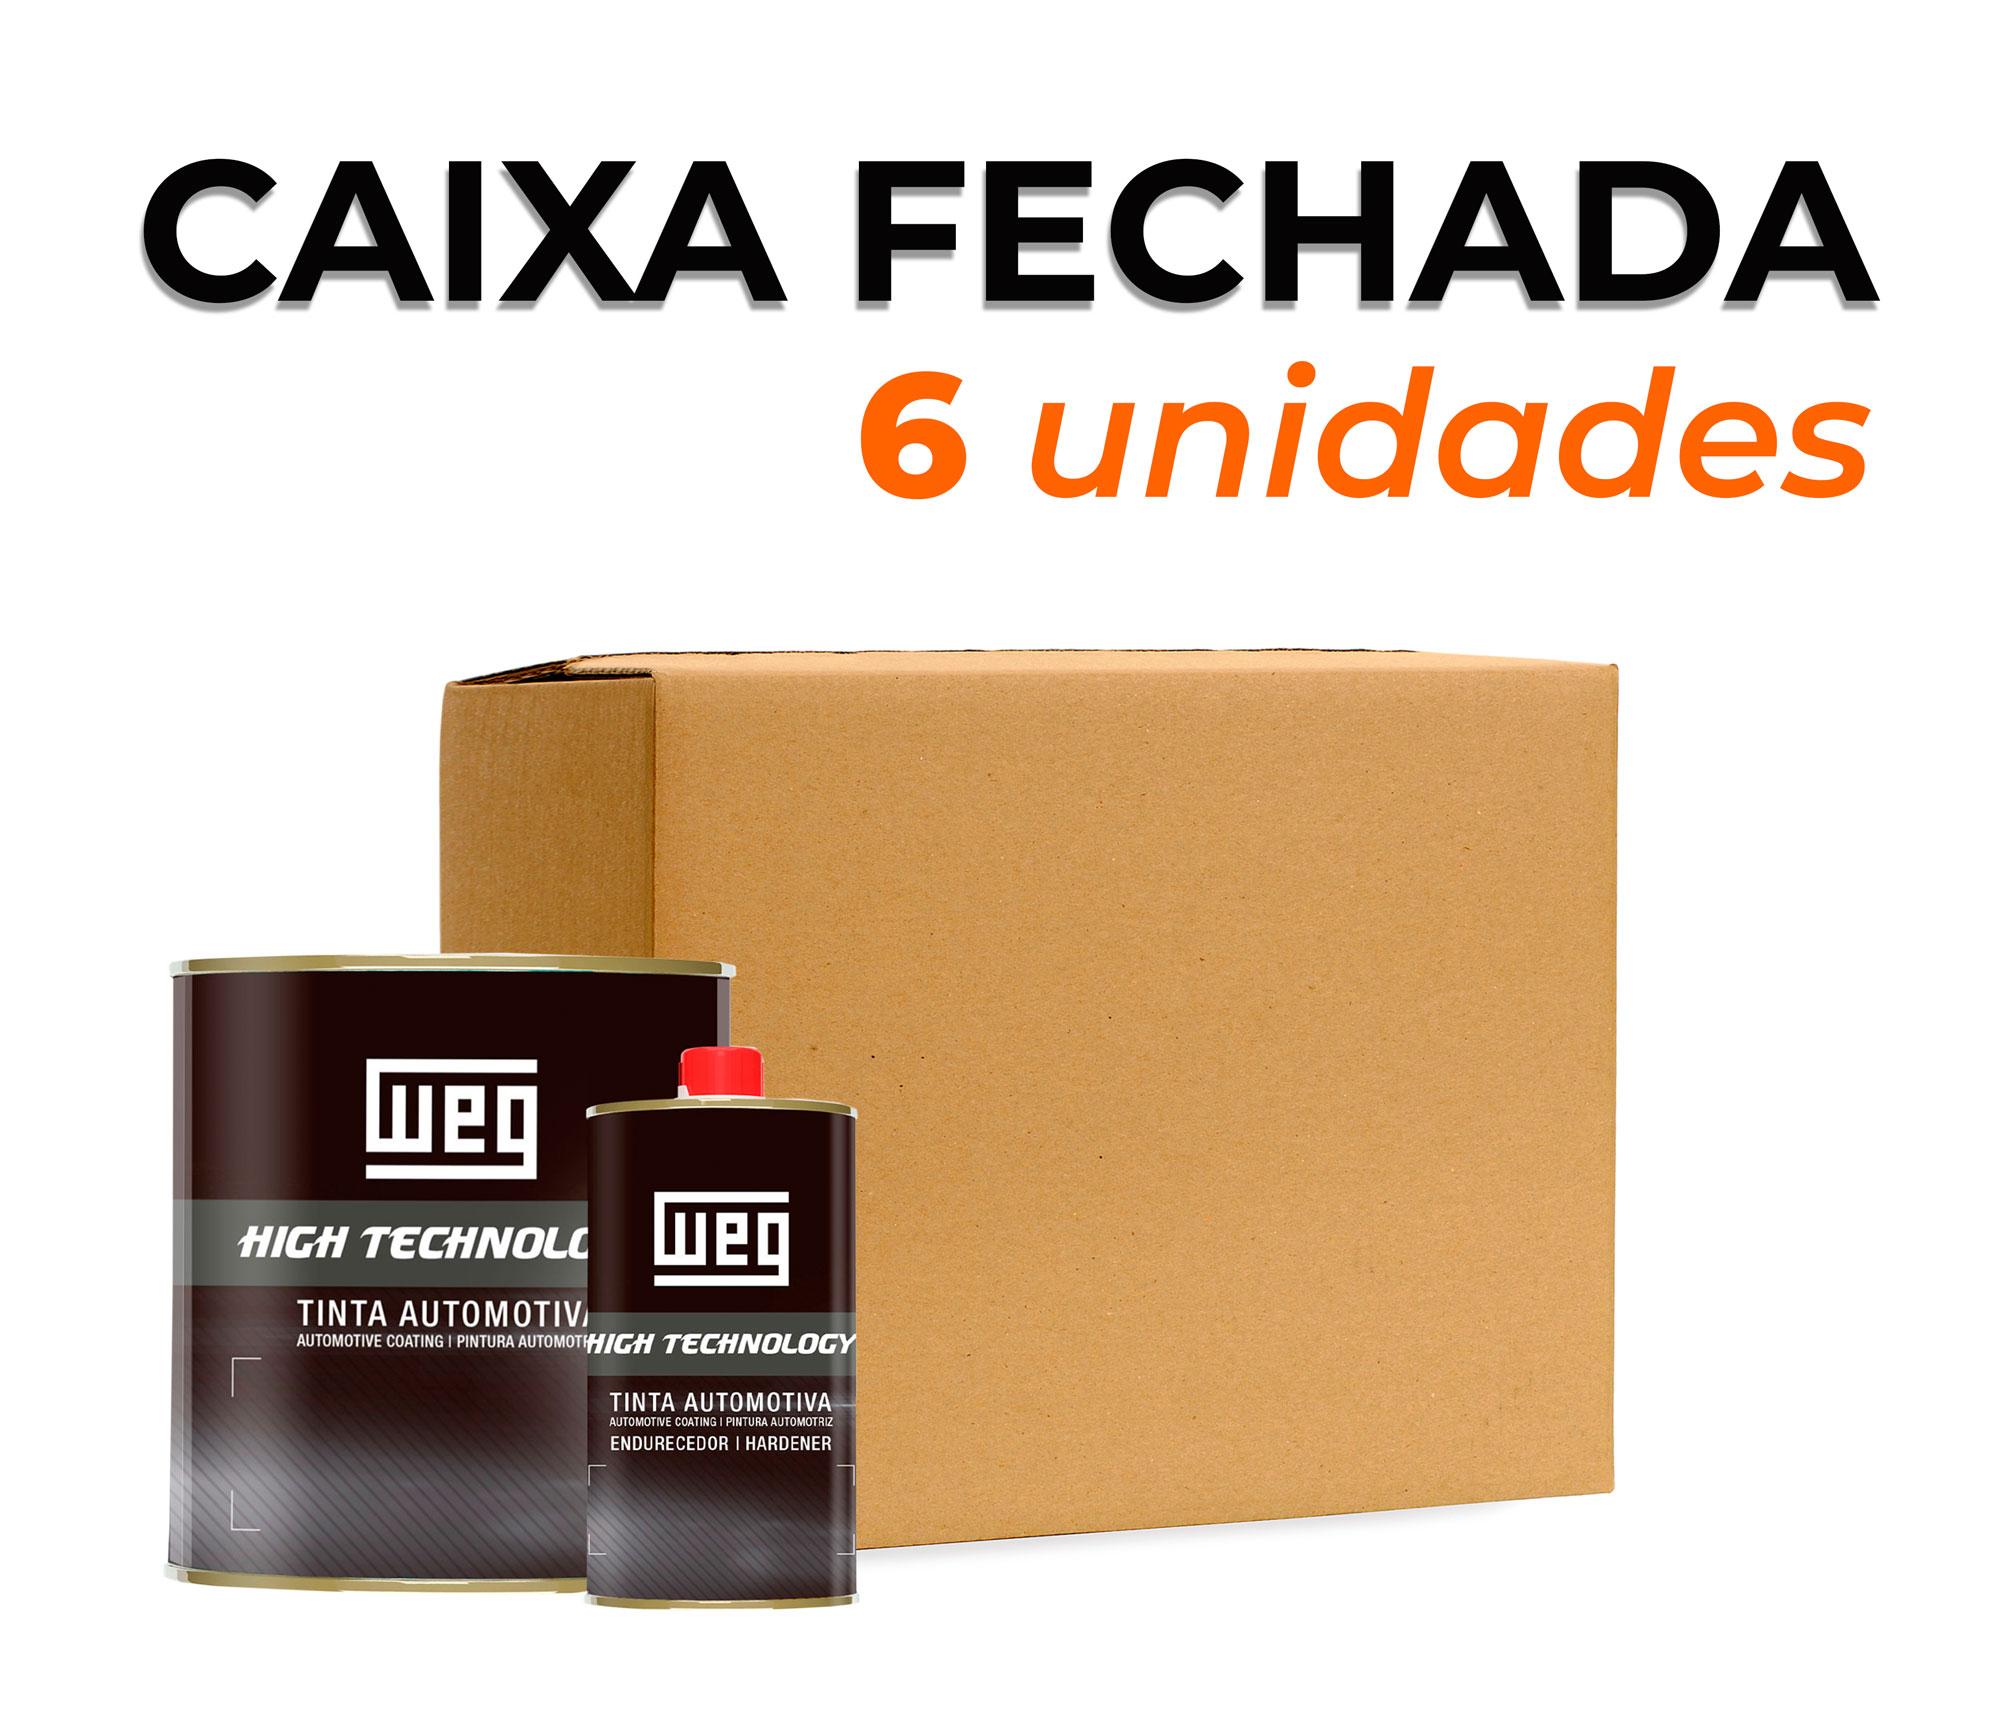 CAIXA DE VERNIZ ALTO SÓLIDO W50 FOSCO 900 ml + CATALISADOR INTERMEDIÁRIO 450 ml